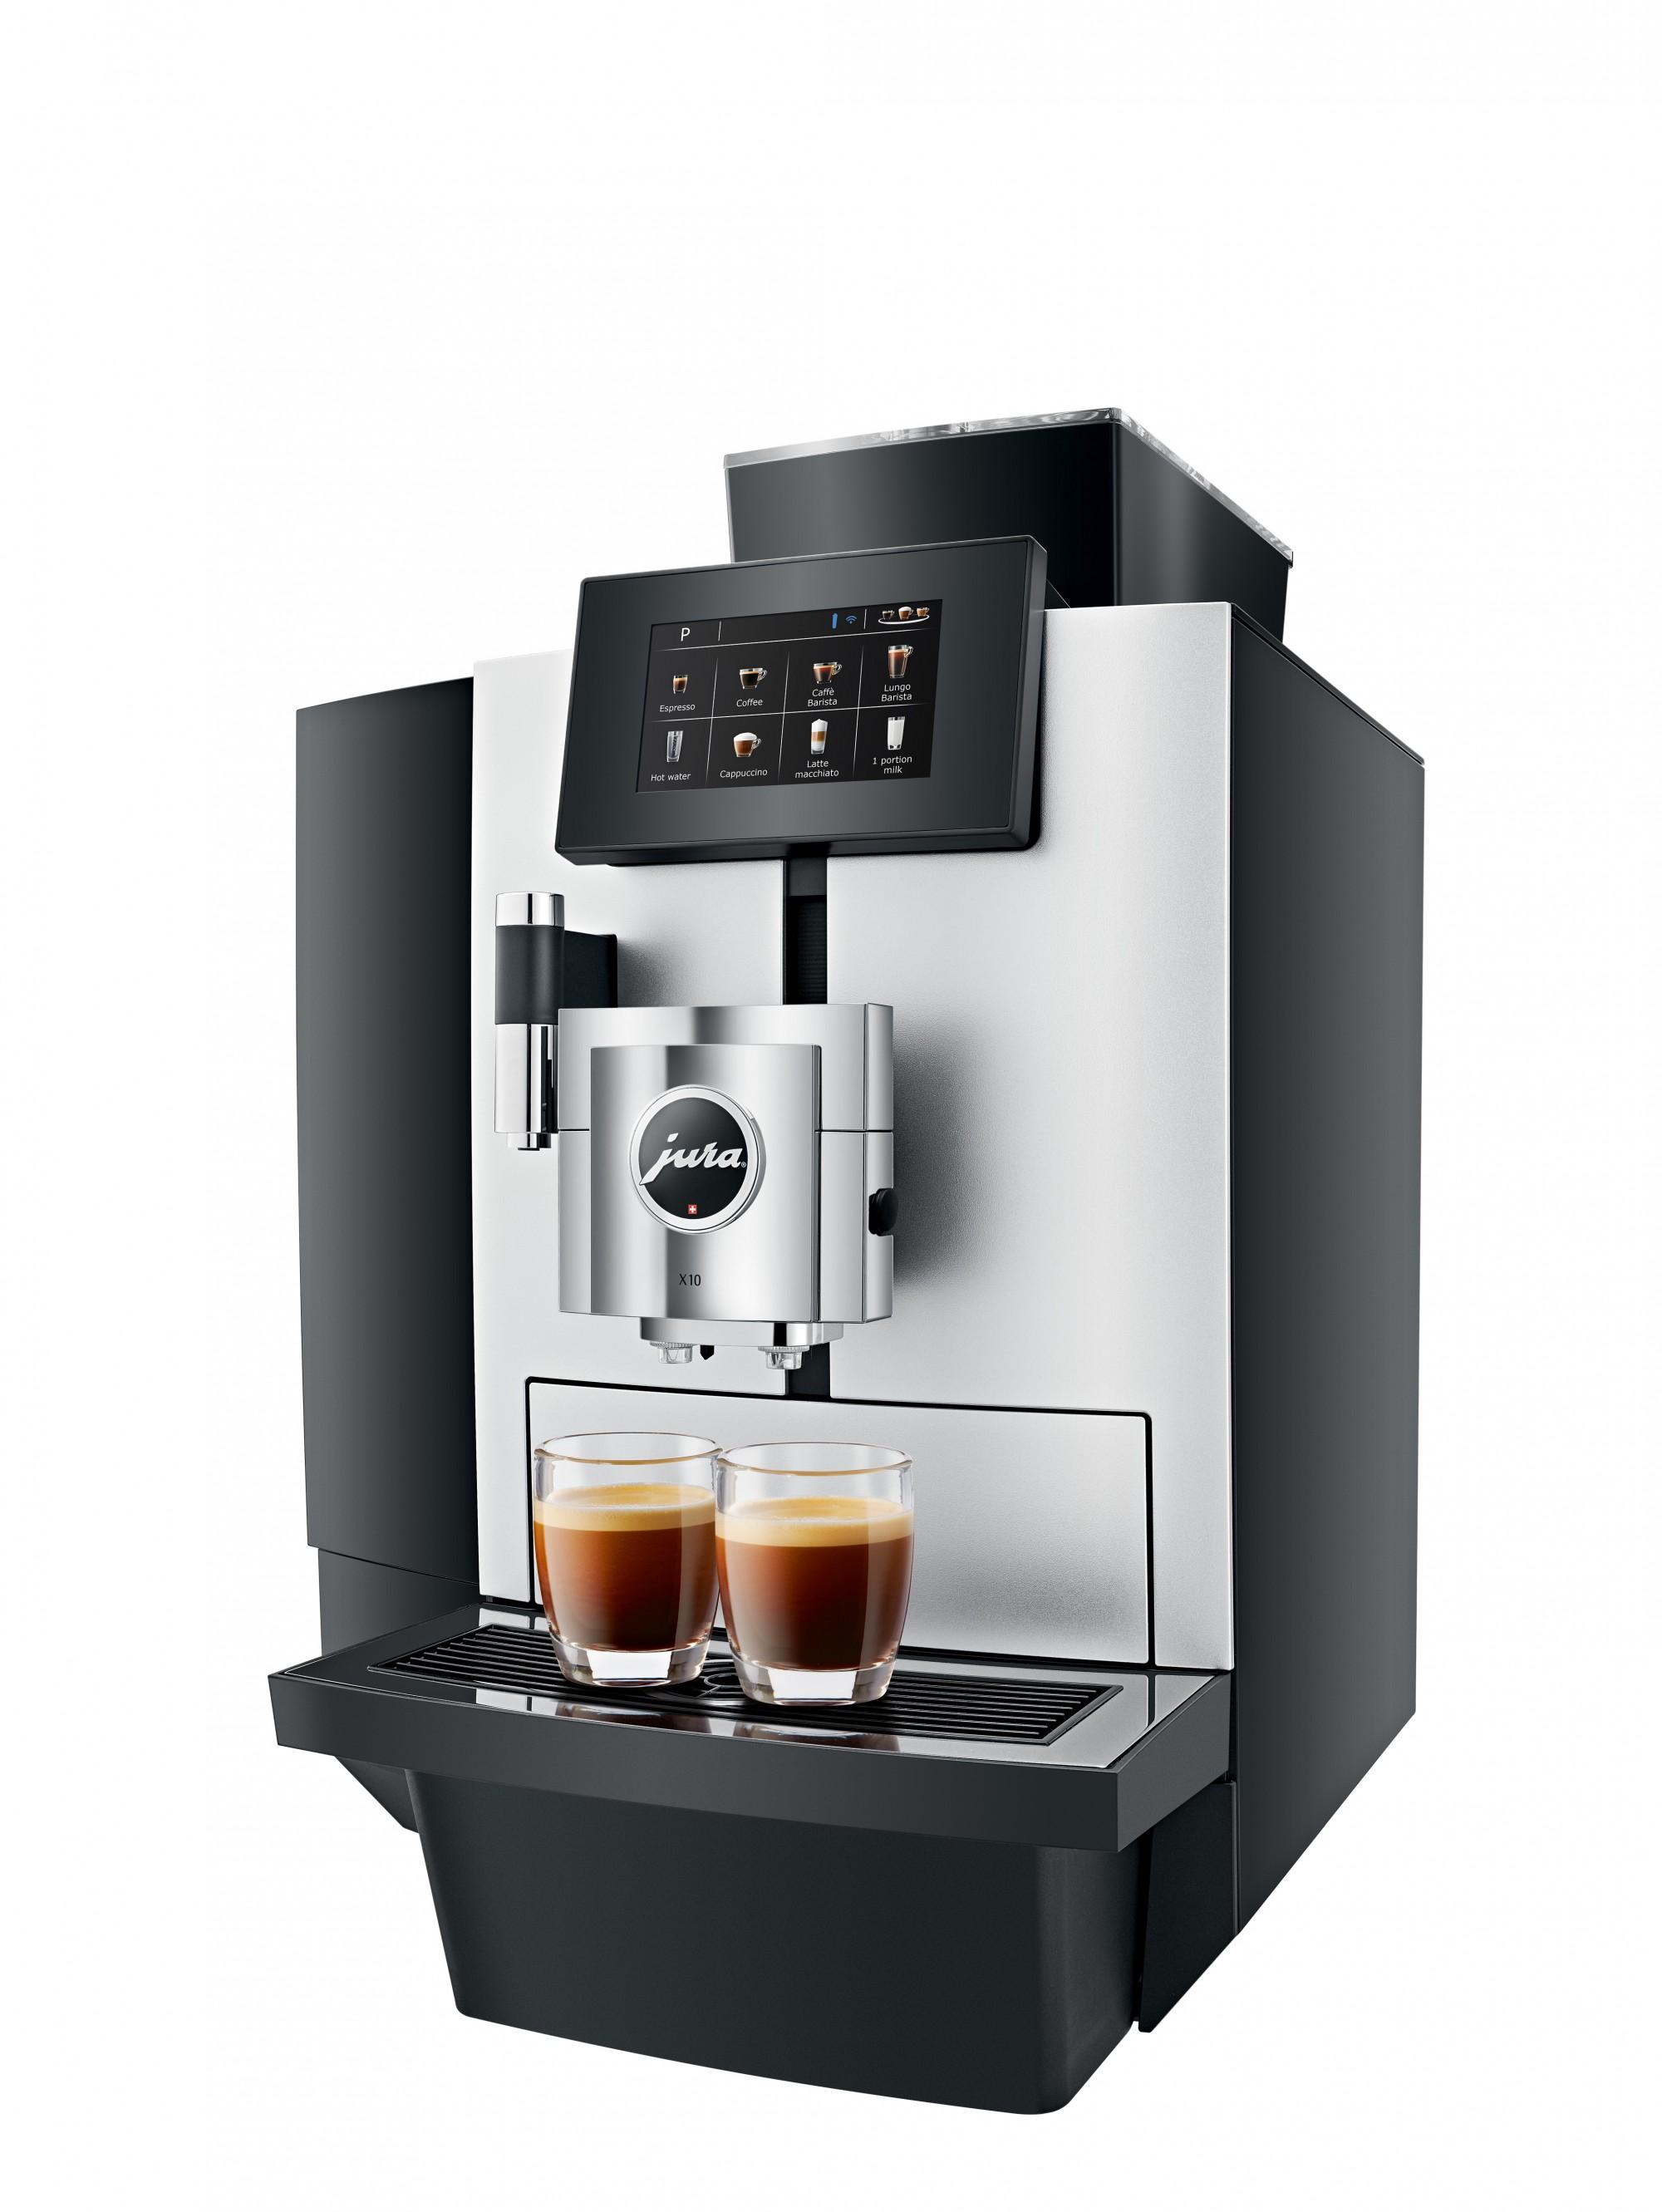 Voor koffie, espresso, cappuccino en latte macchiato